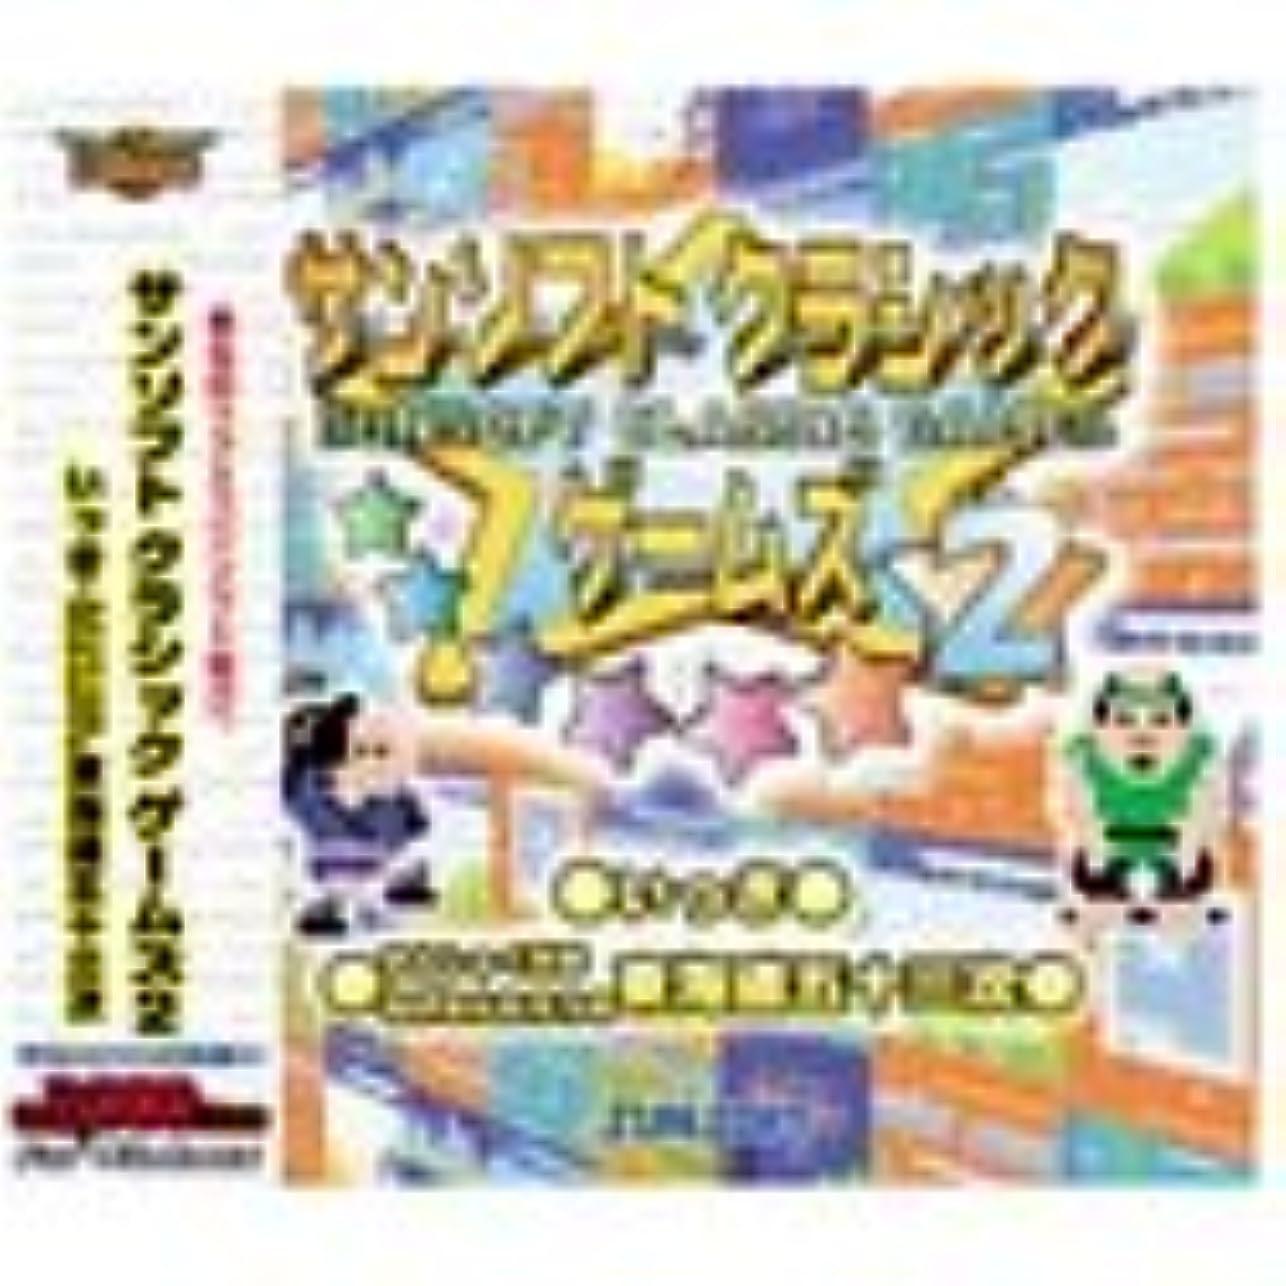 ホールドオールグロー良性Ultra2000 サンソフト クラシック ゲームズ 2